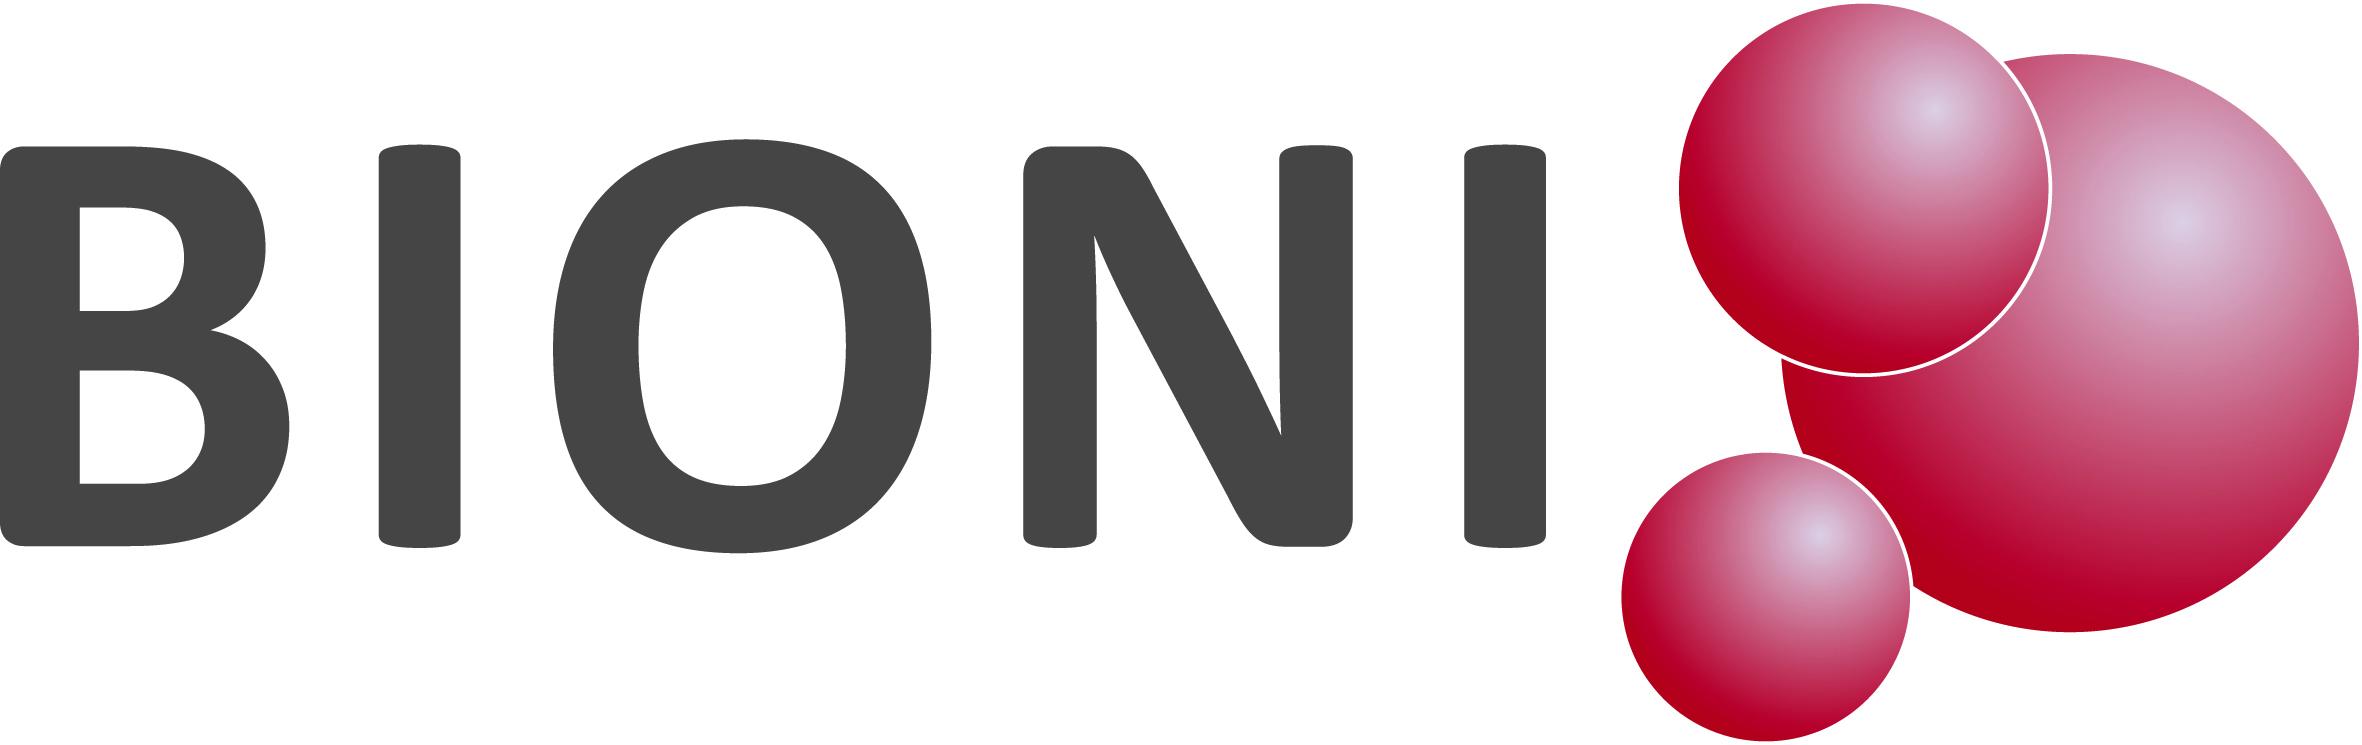 Bioni